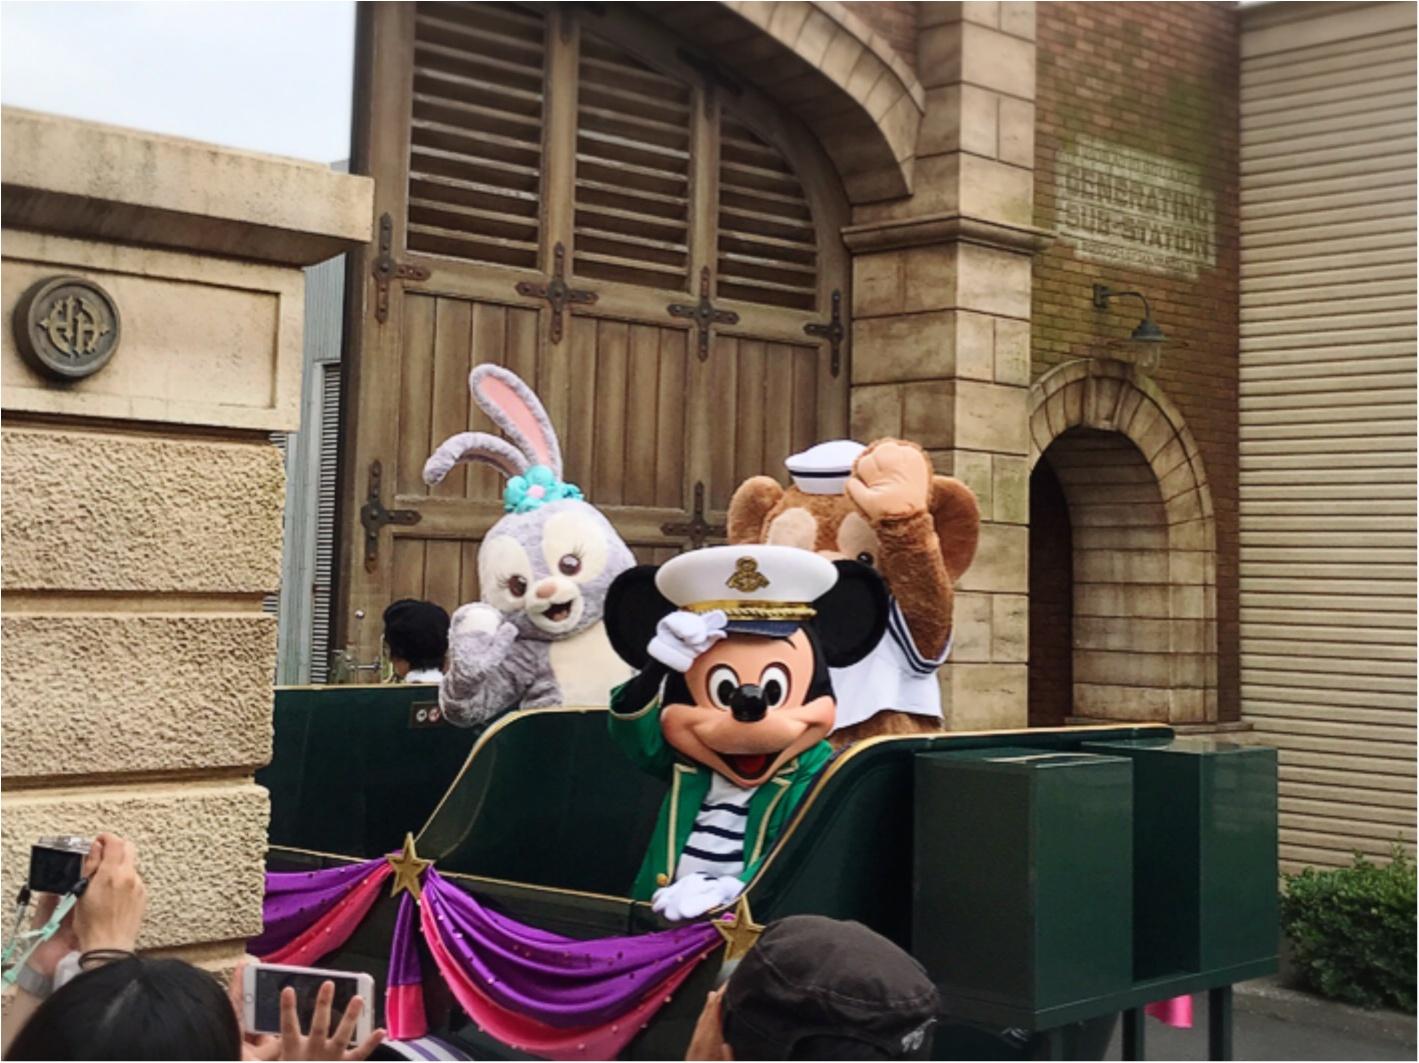 【Disney Sea】ダッフィーのお友だち、話題のステラ・ルー 会ってきました ♡♡ グッズも大公開!_2